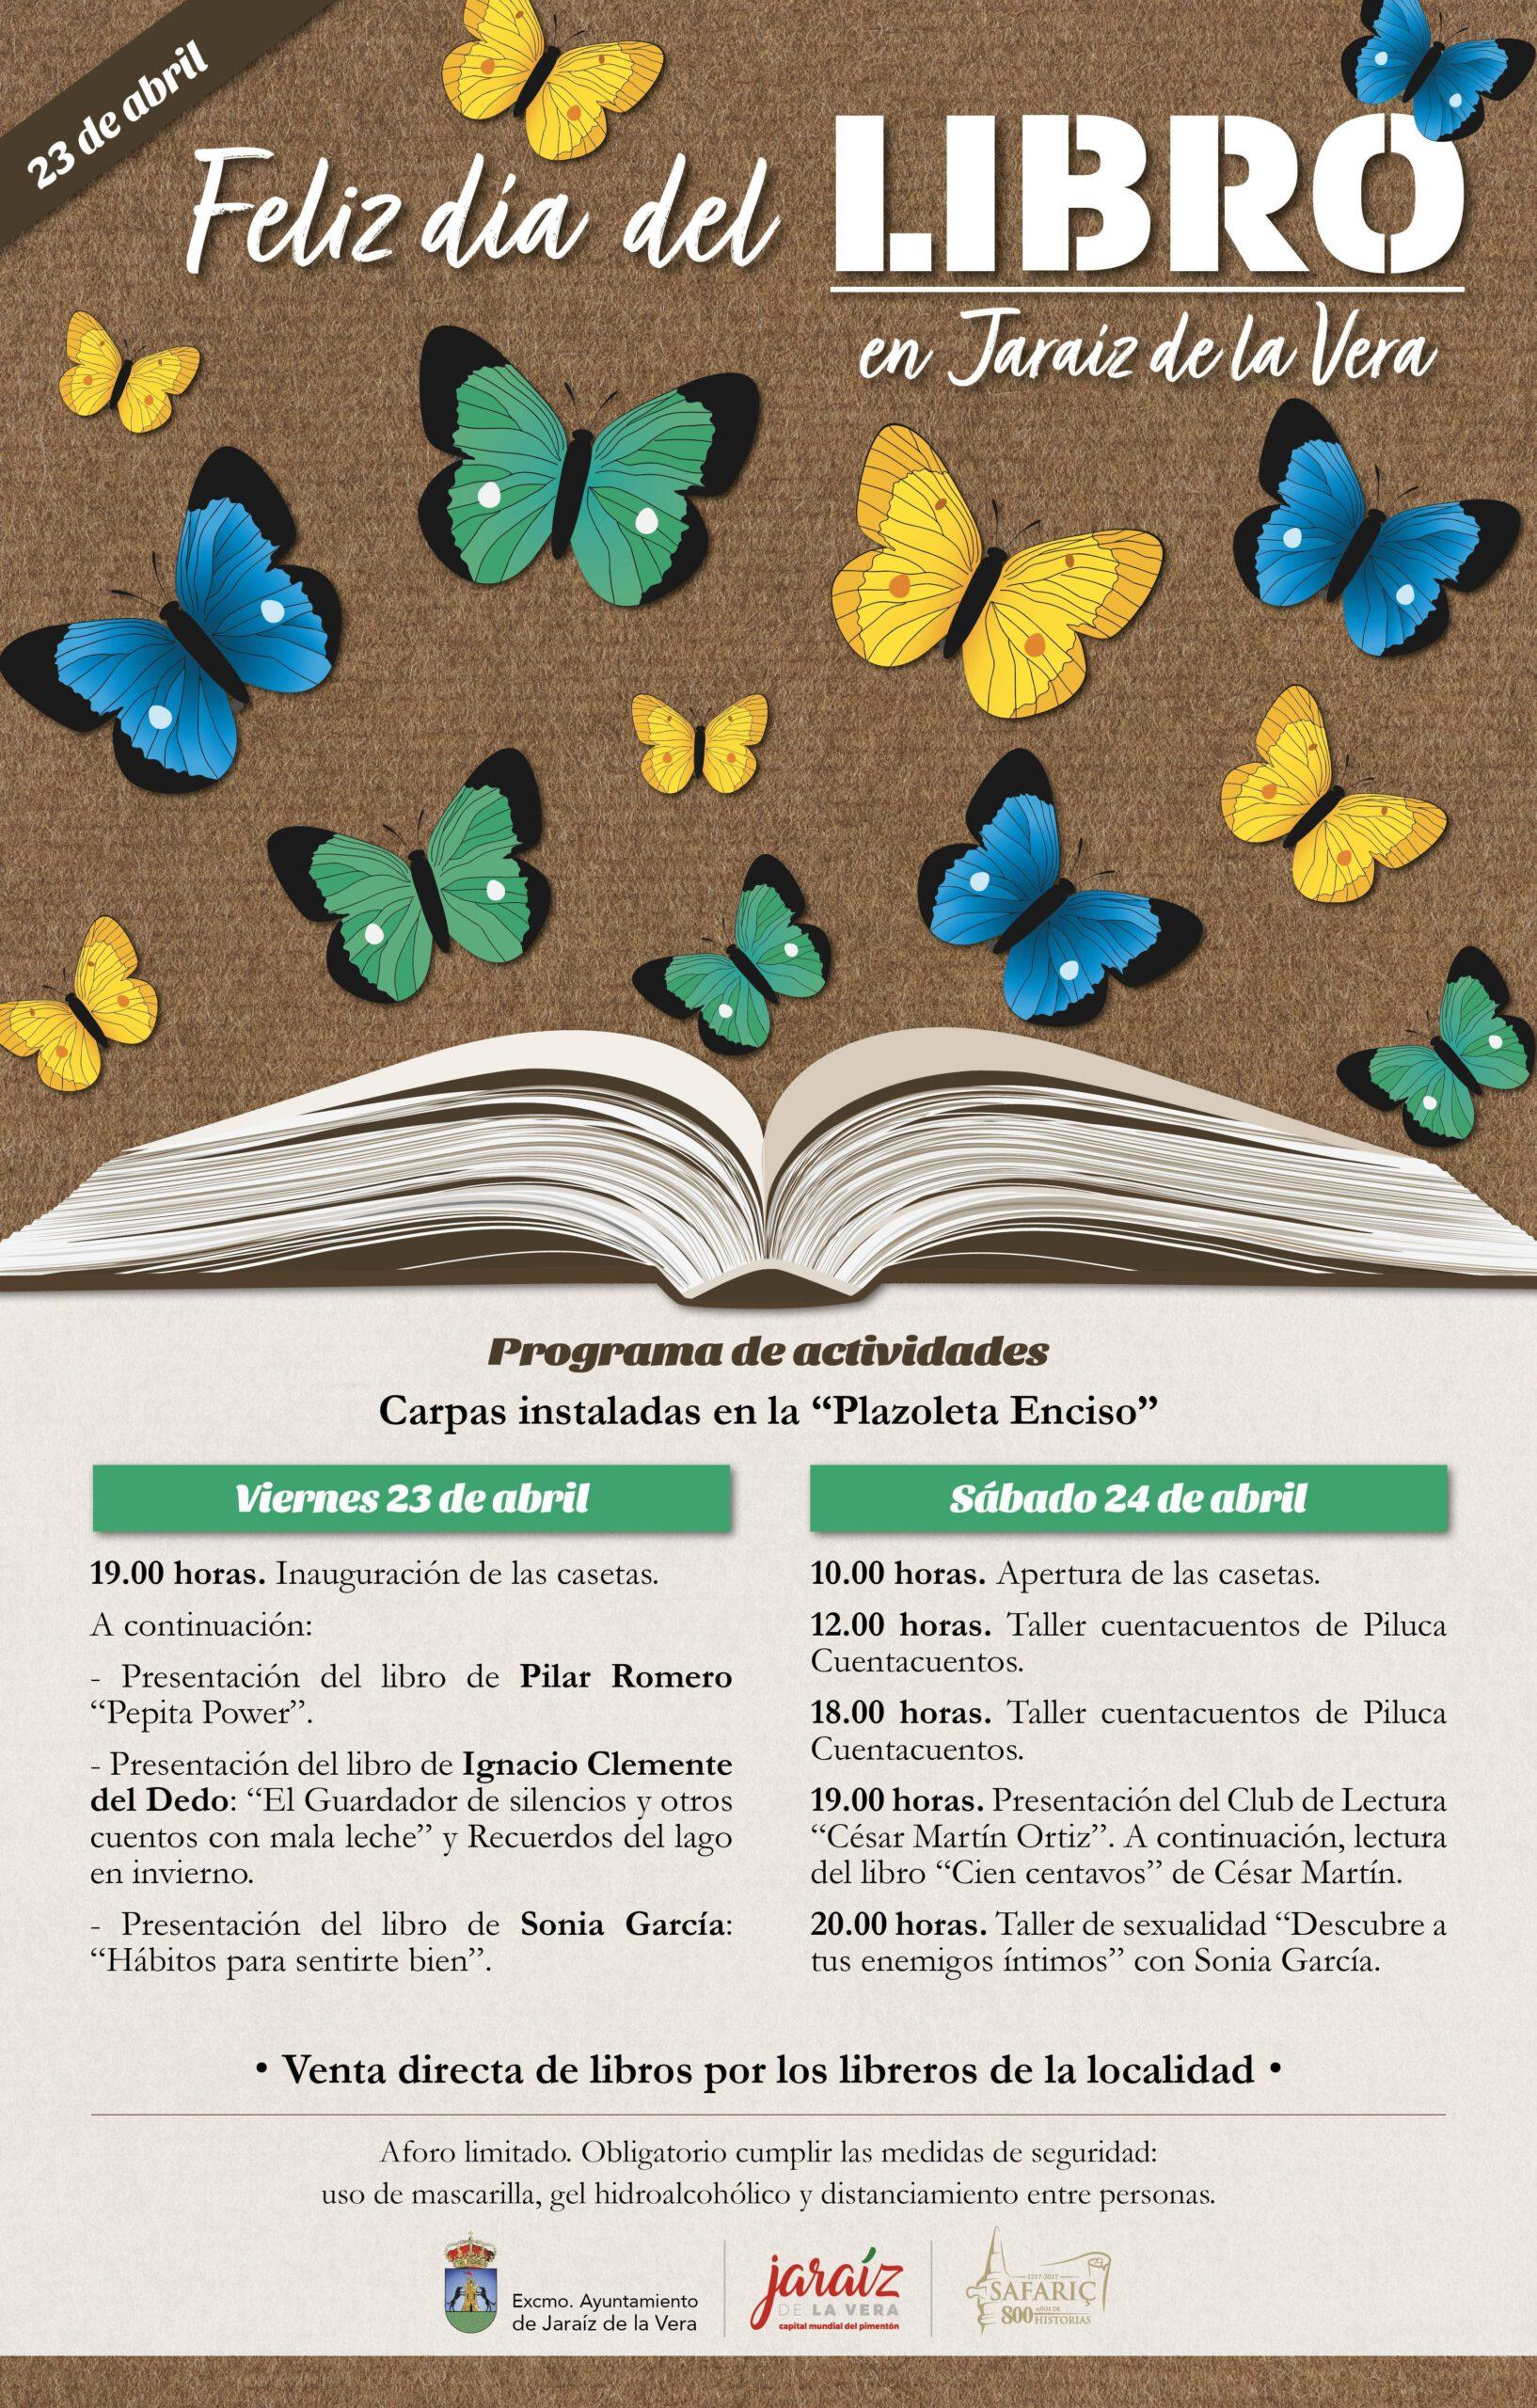 Día del Libro (2021) - Jaraíz de la Vera (Cáceres)